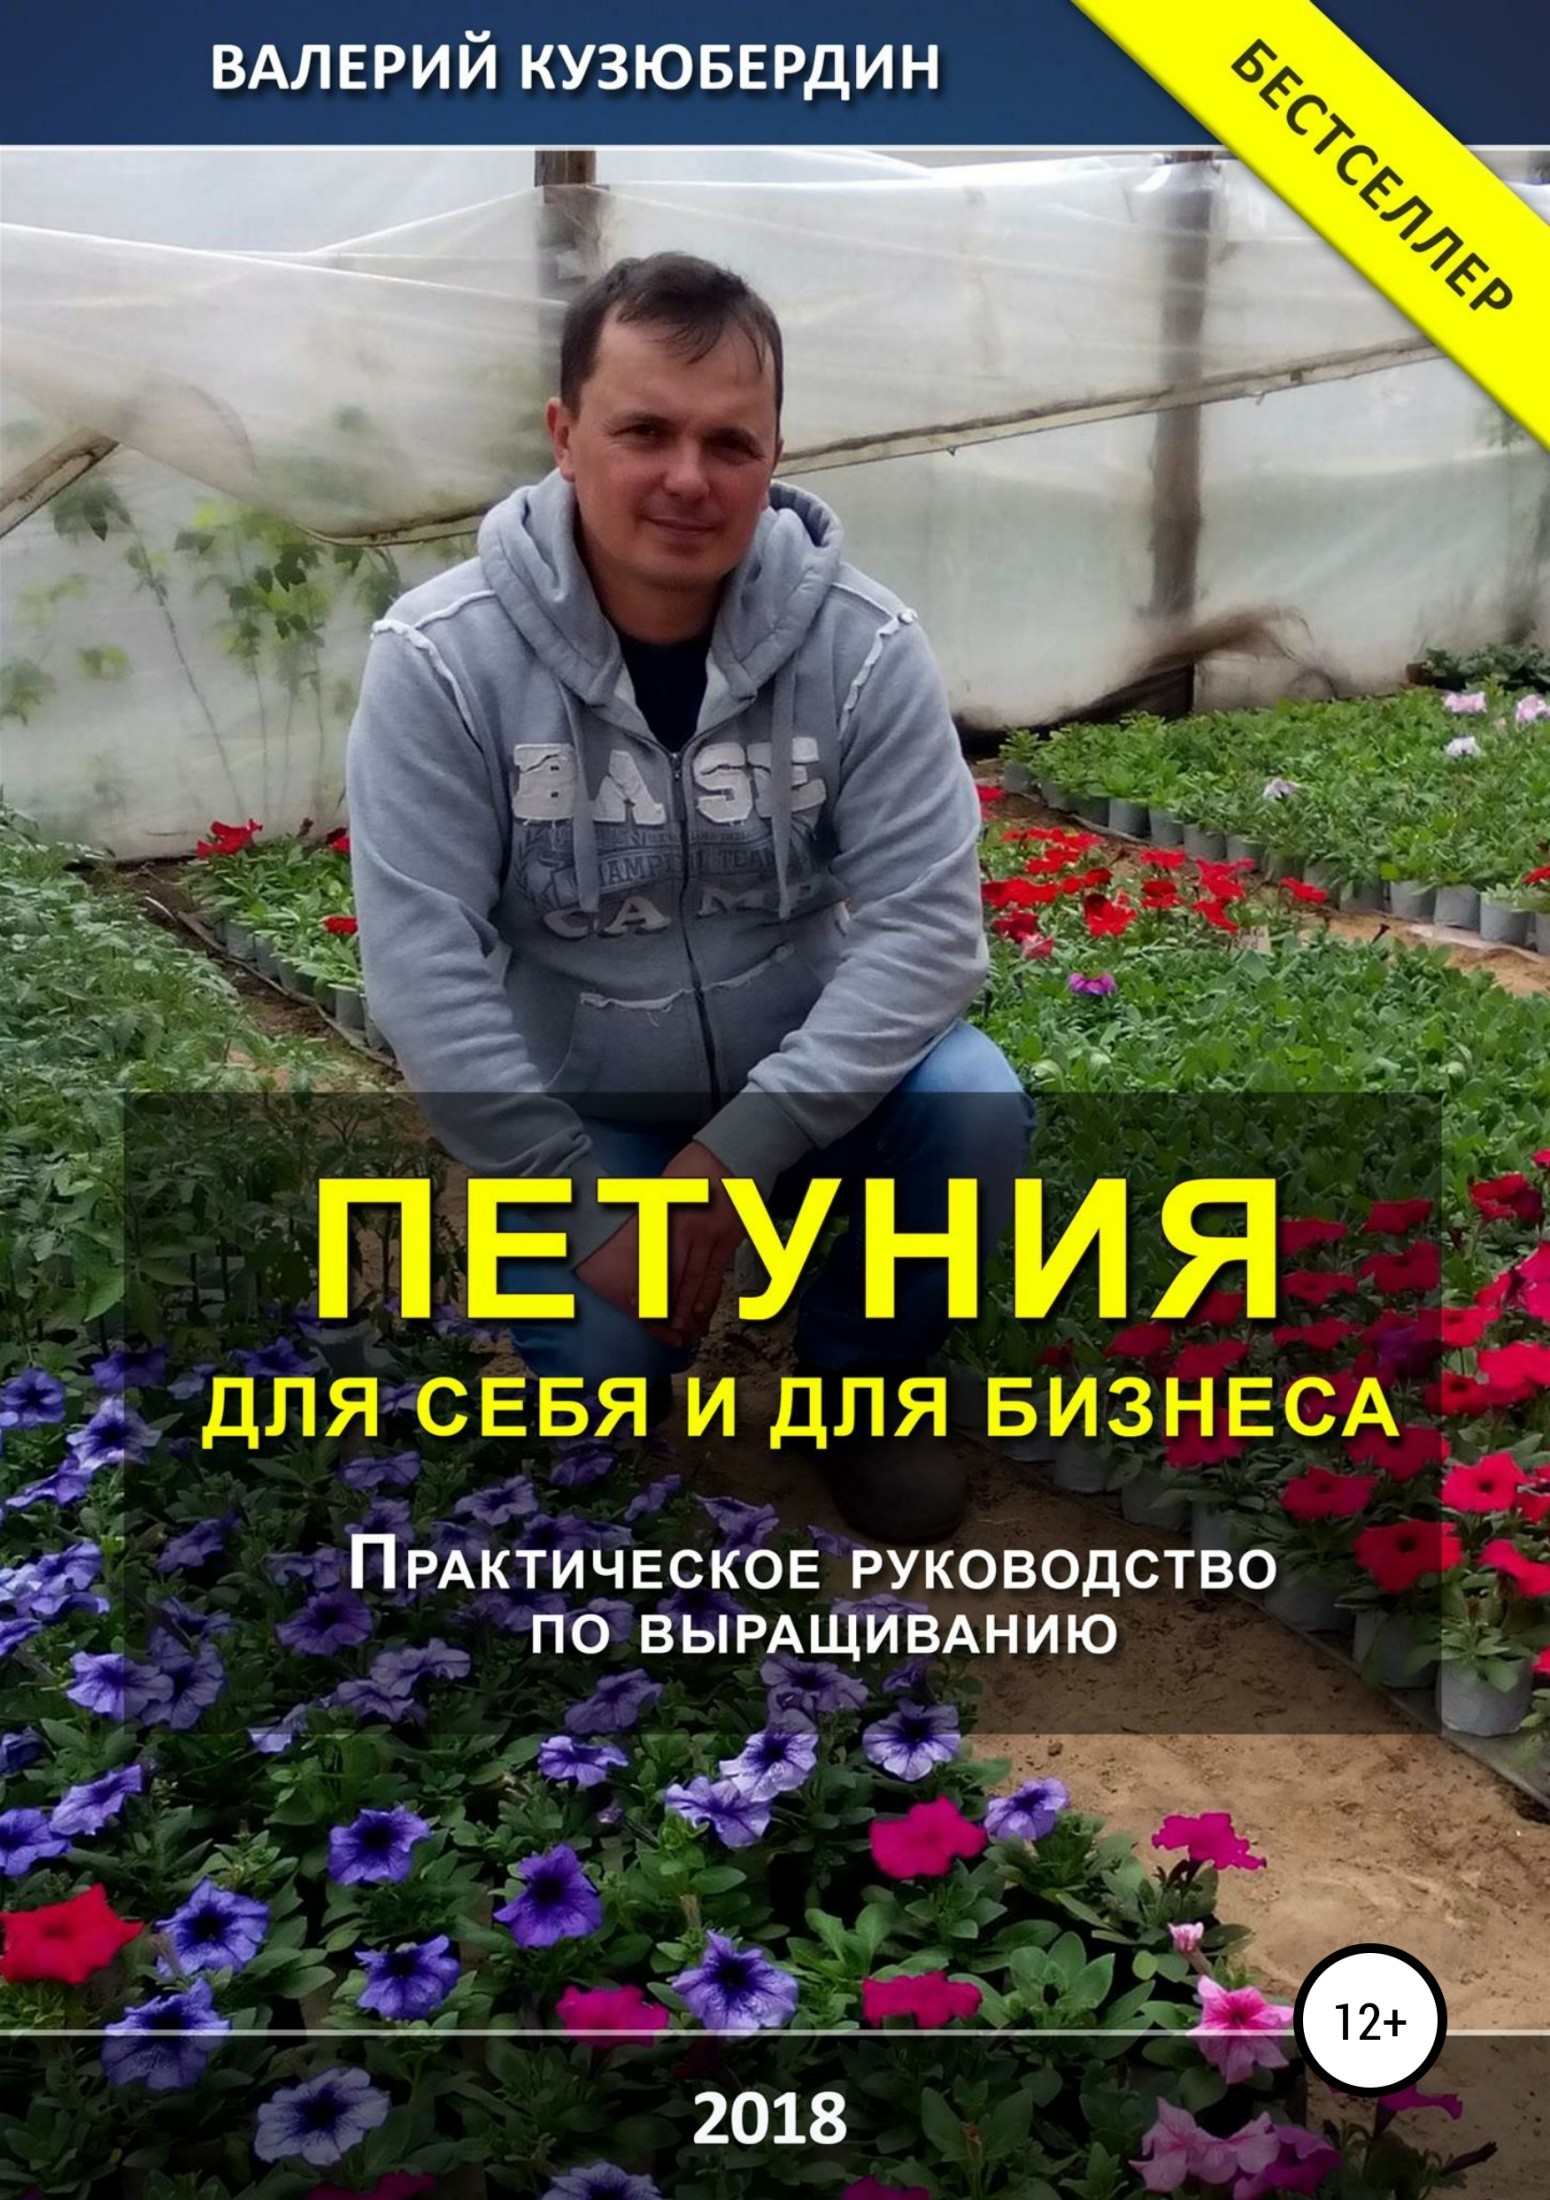 Валерий Николаевич Кузюбердин Петуния. Для себя и для бизнеса